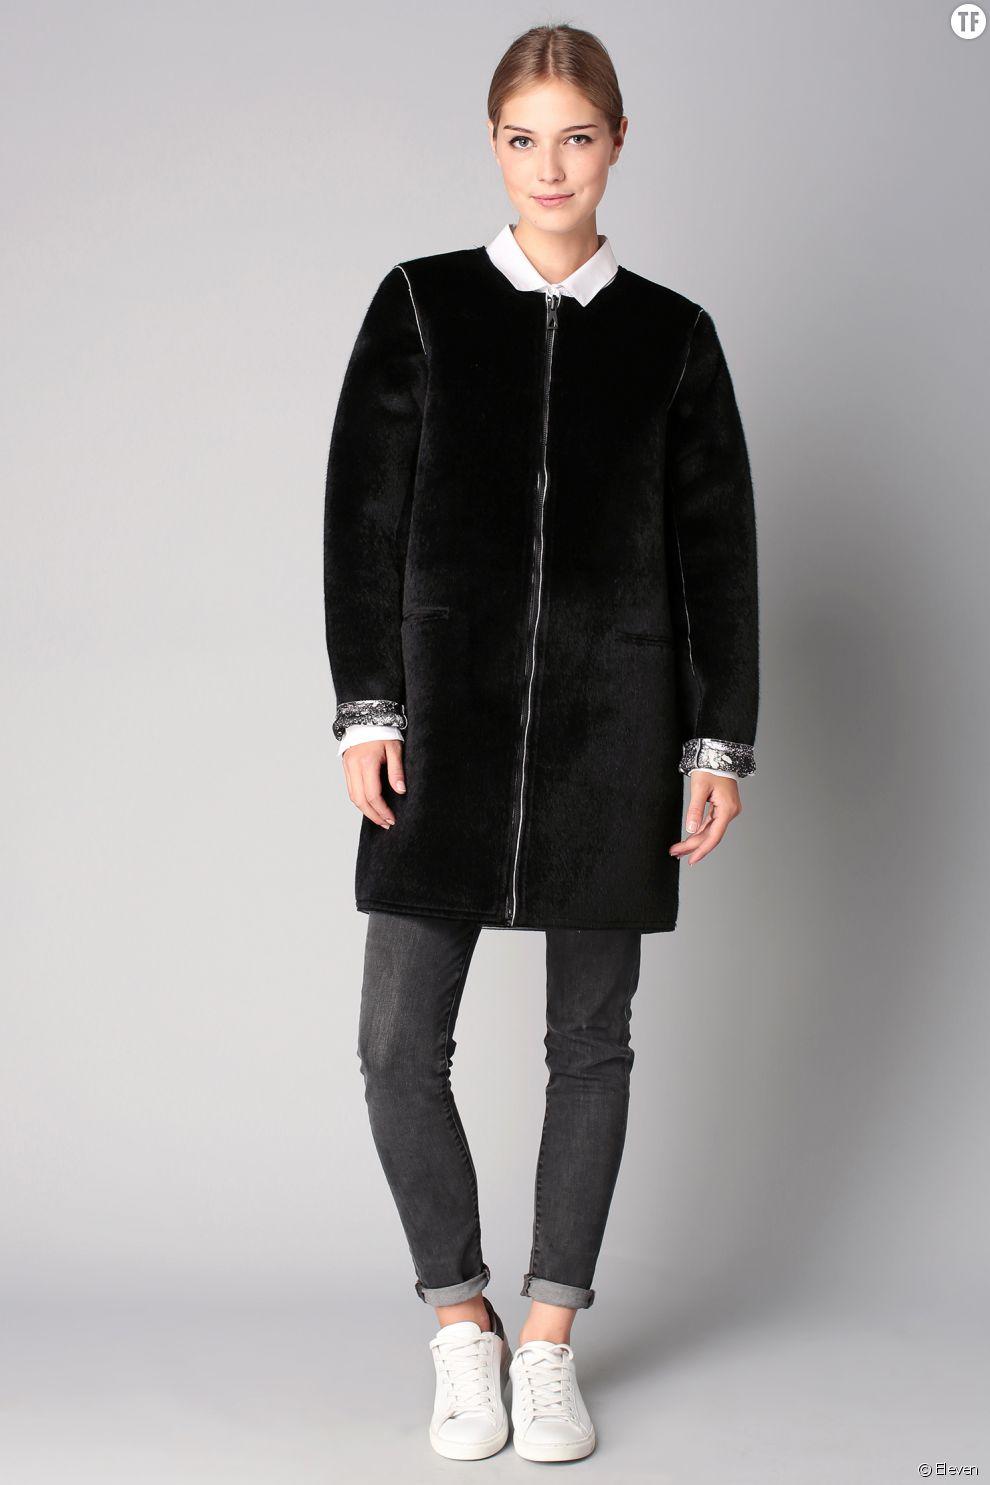 Manteau noir réversible en fausse fourrure Eleven 104,50 euros